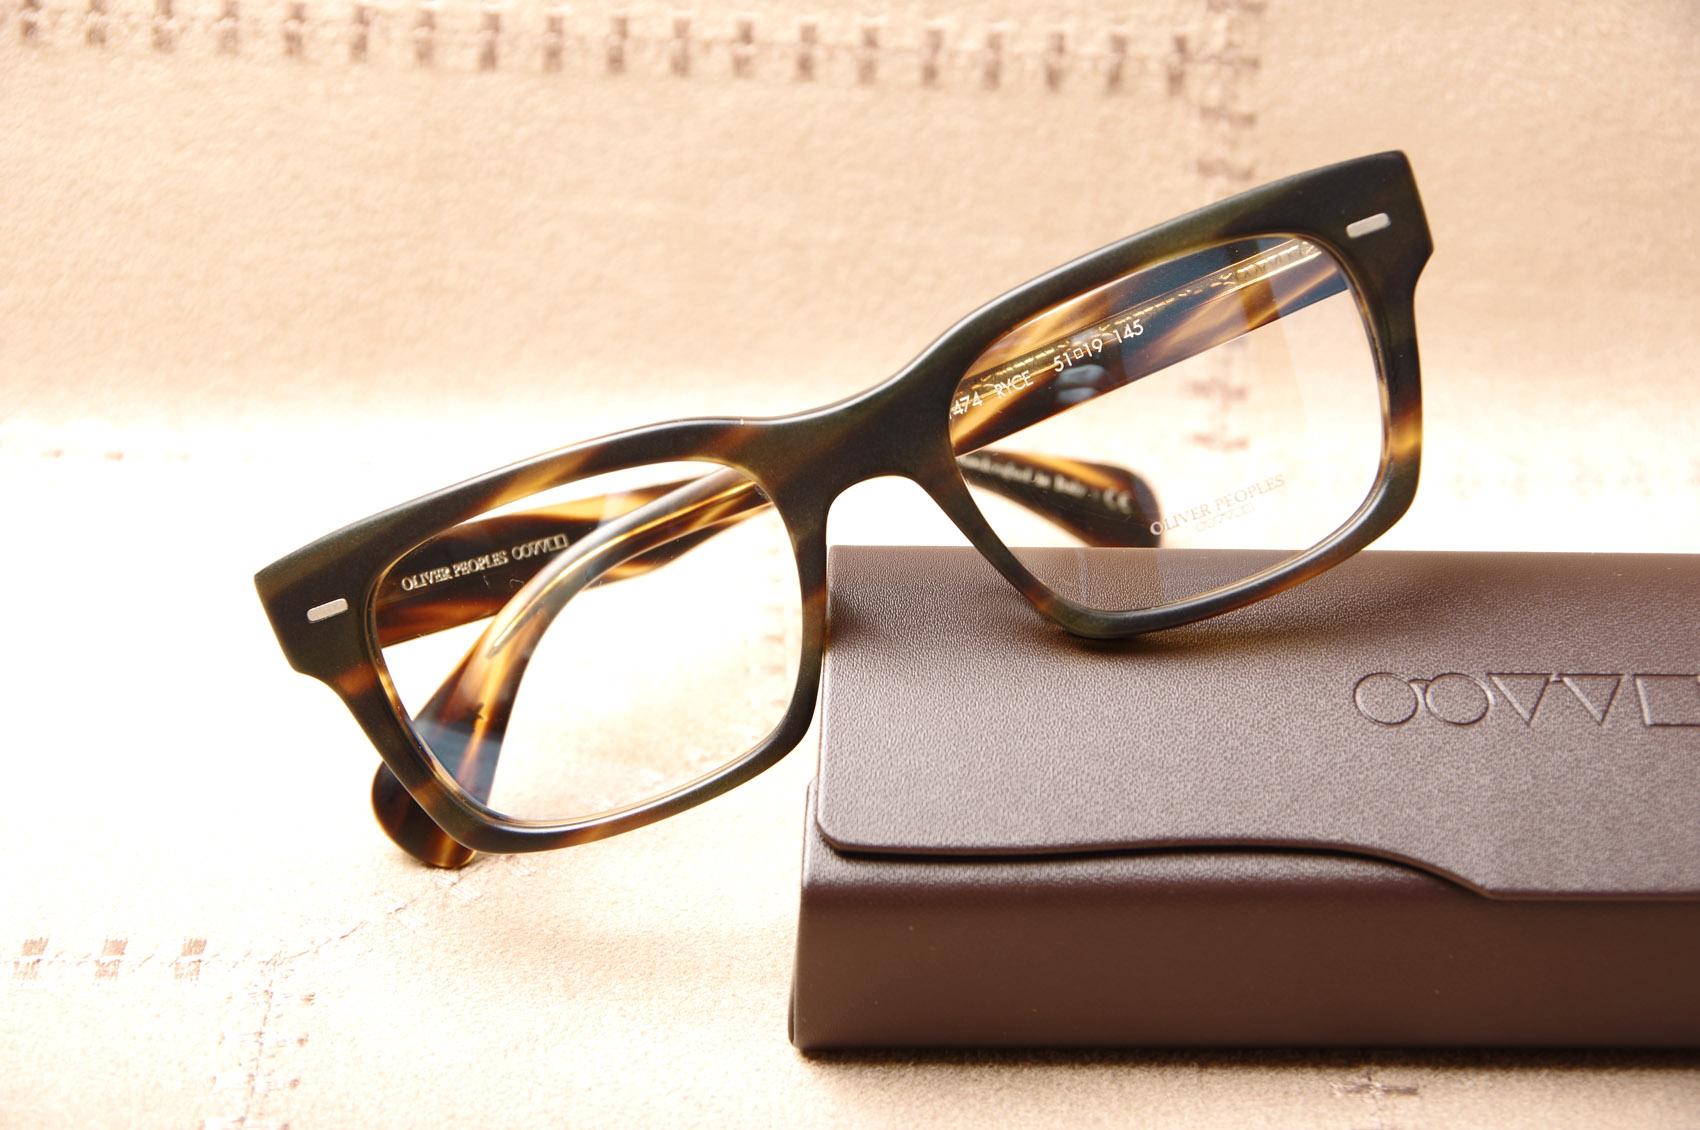 ... OLIVER PEOPLES RYCE proche LE HAVRE 76 Commander des lunettes rétro  vintage proche de Rouen bc9bf746fb6a